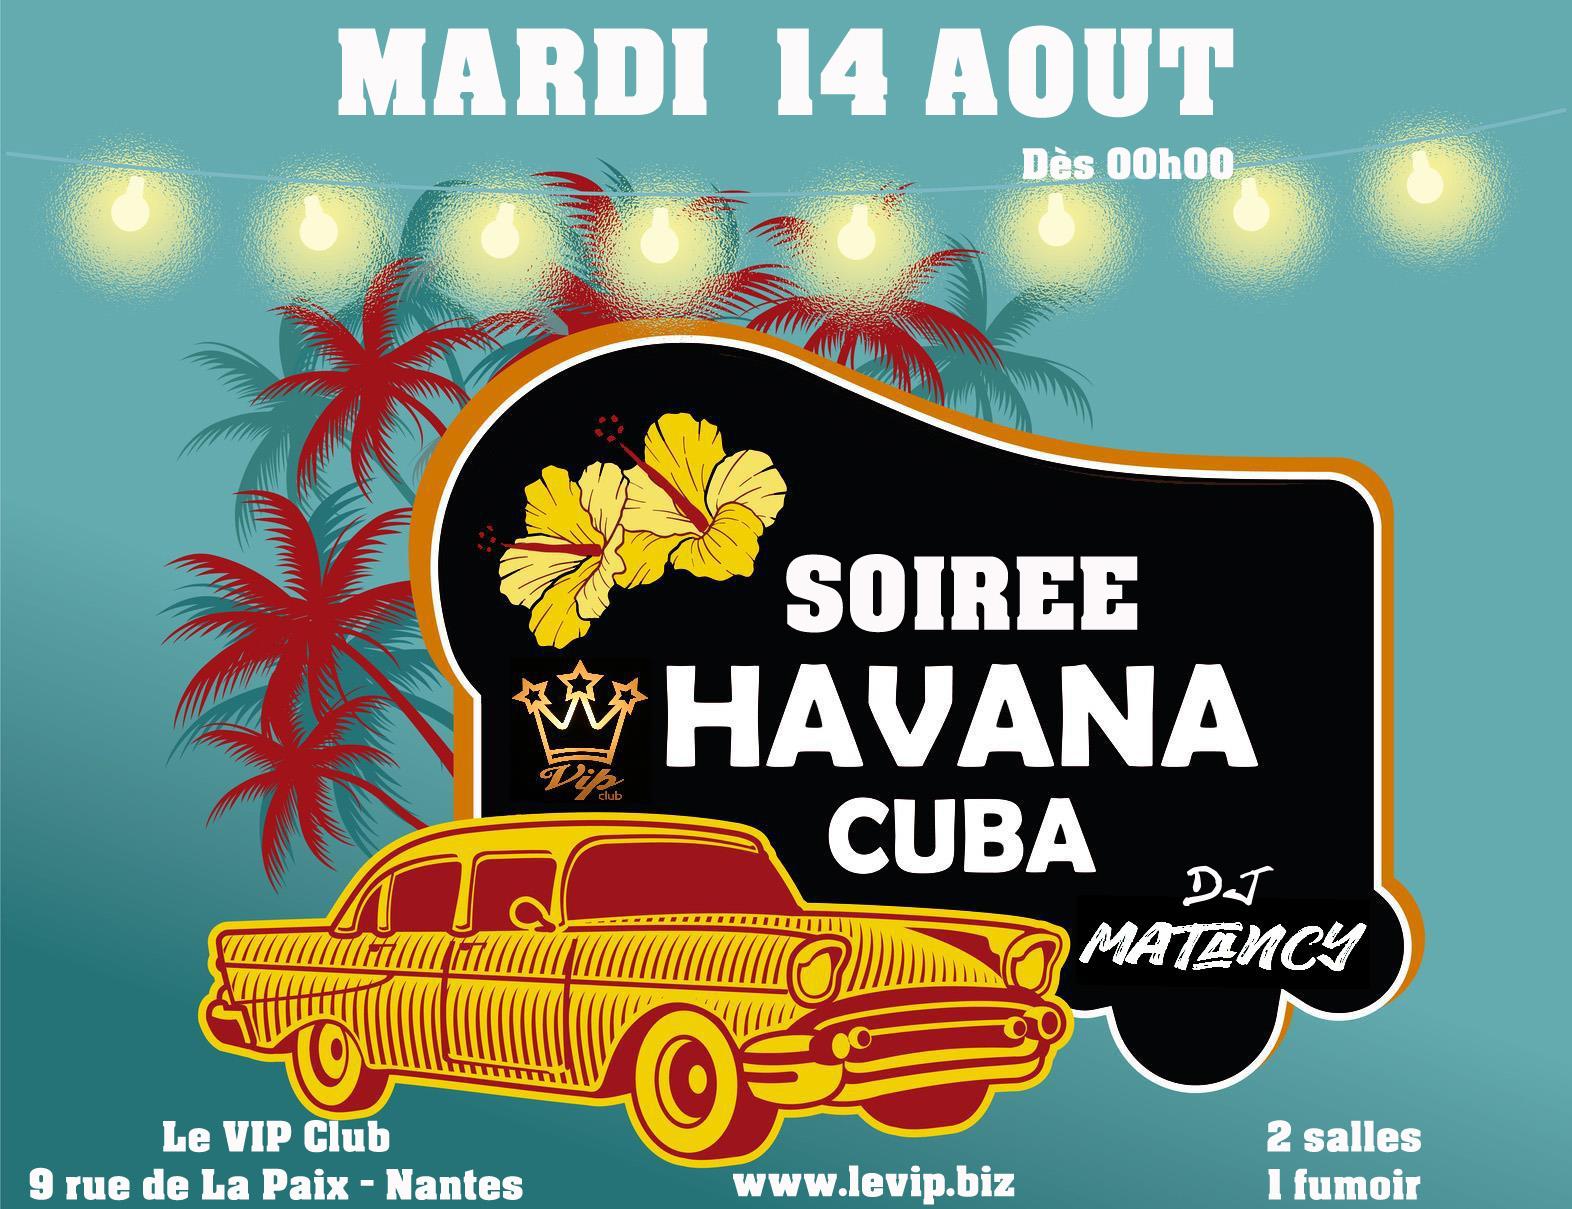 Soirée Havana Cuba